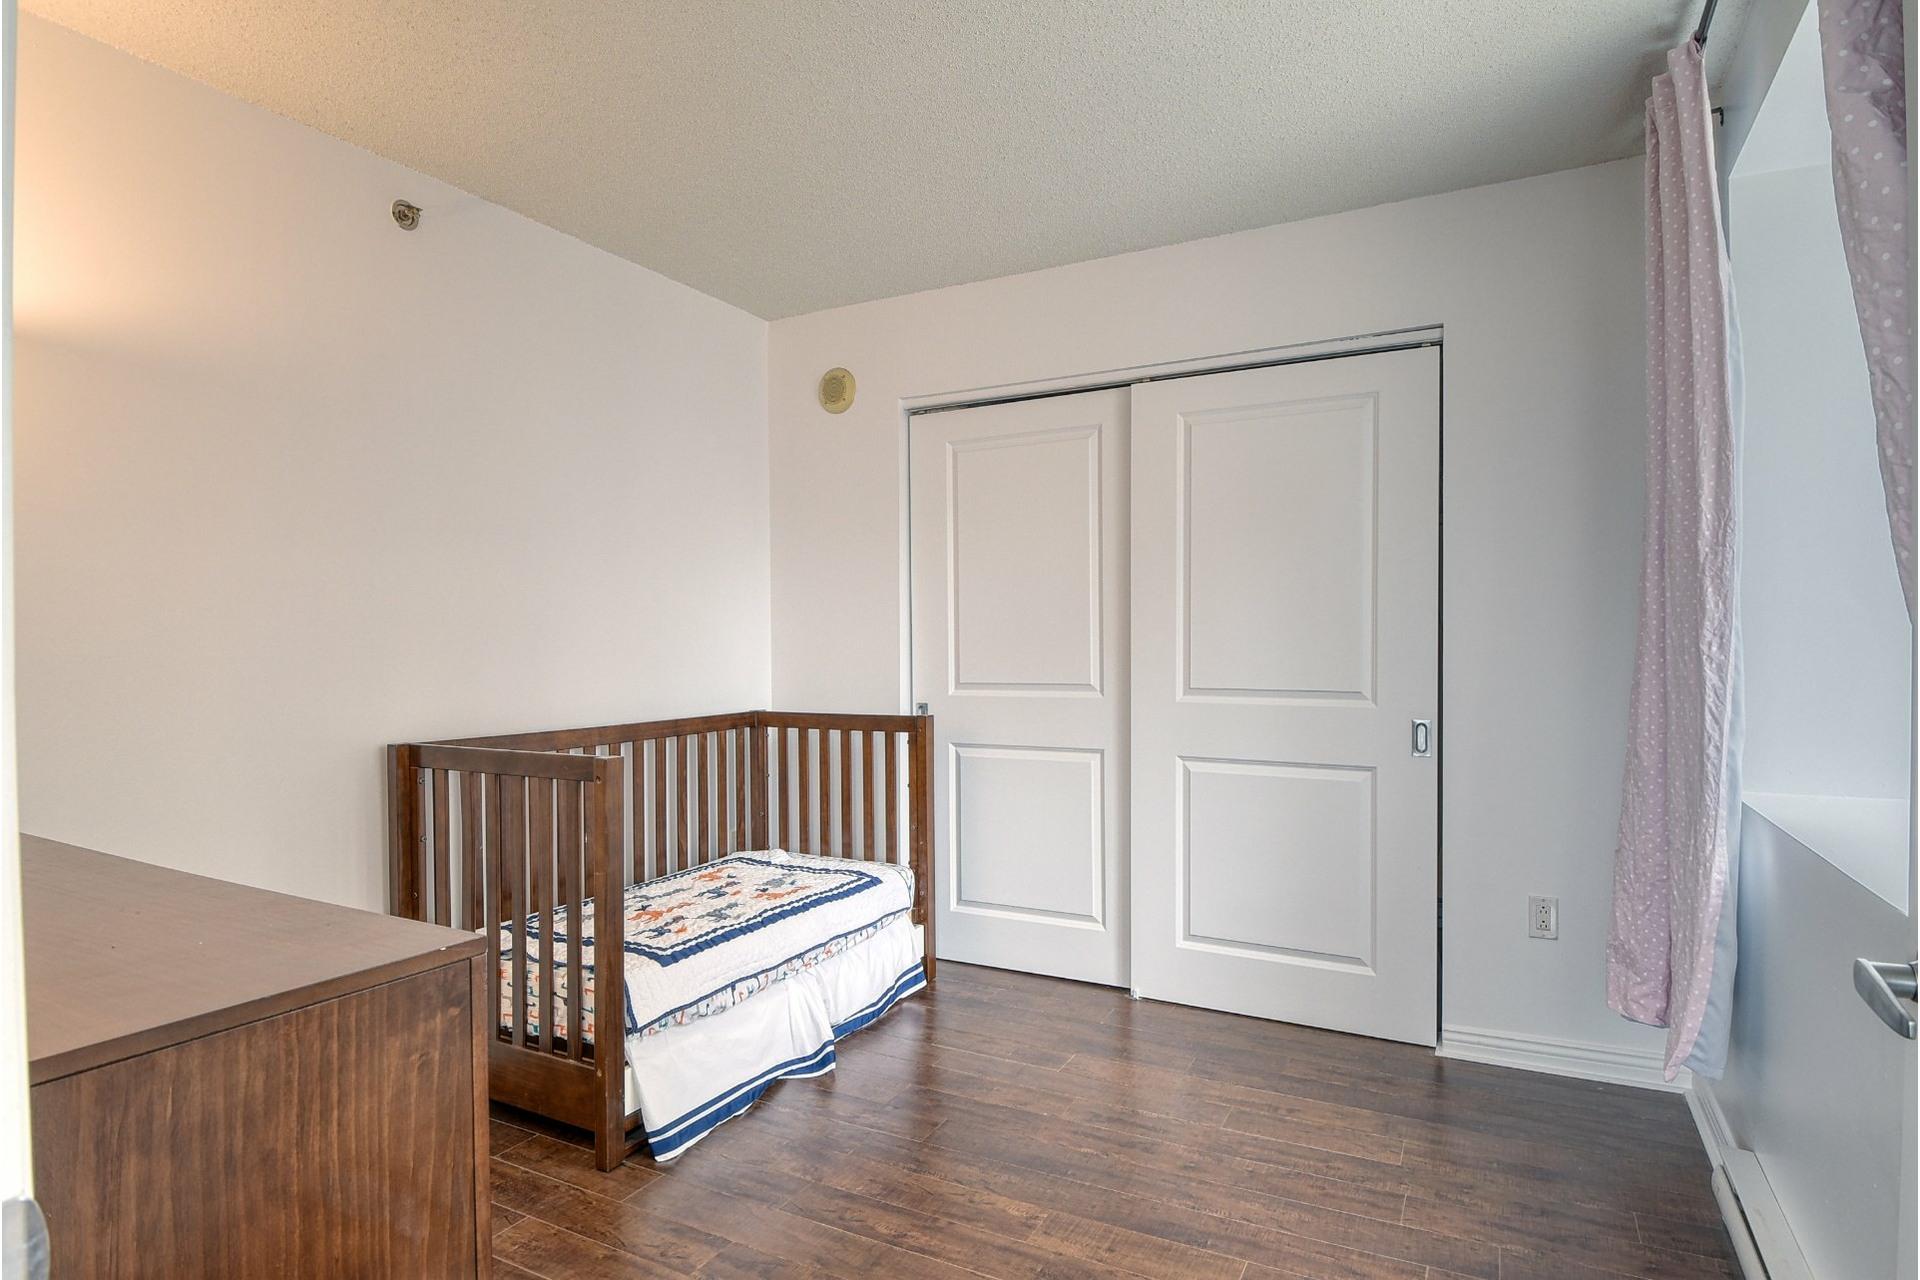 image 16 - Apartment For sale Ville-Marie Montréal  - 4 rooms